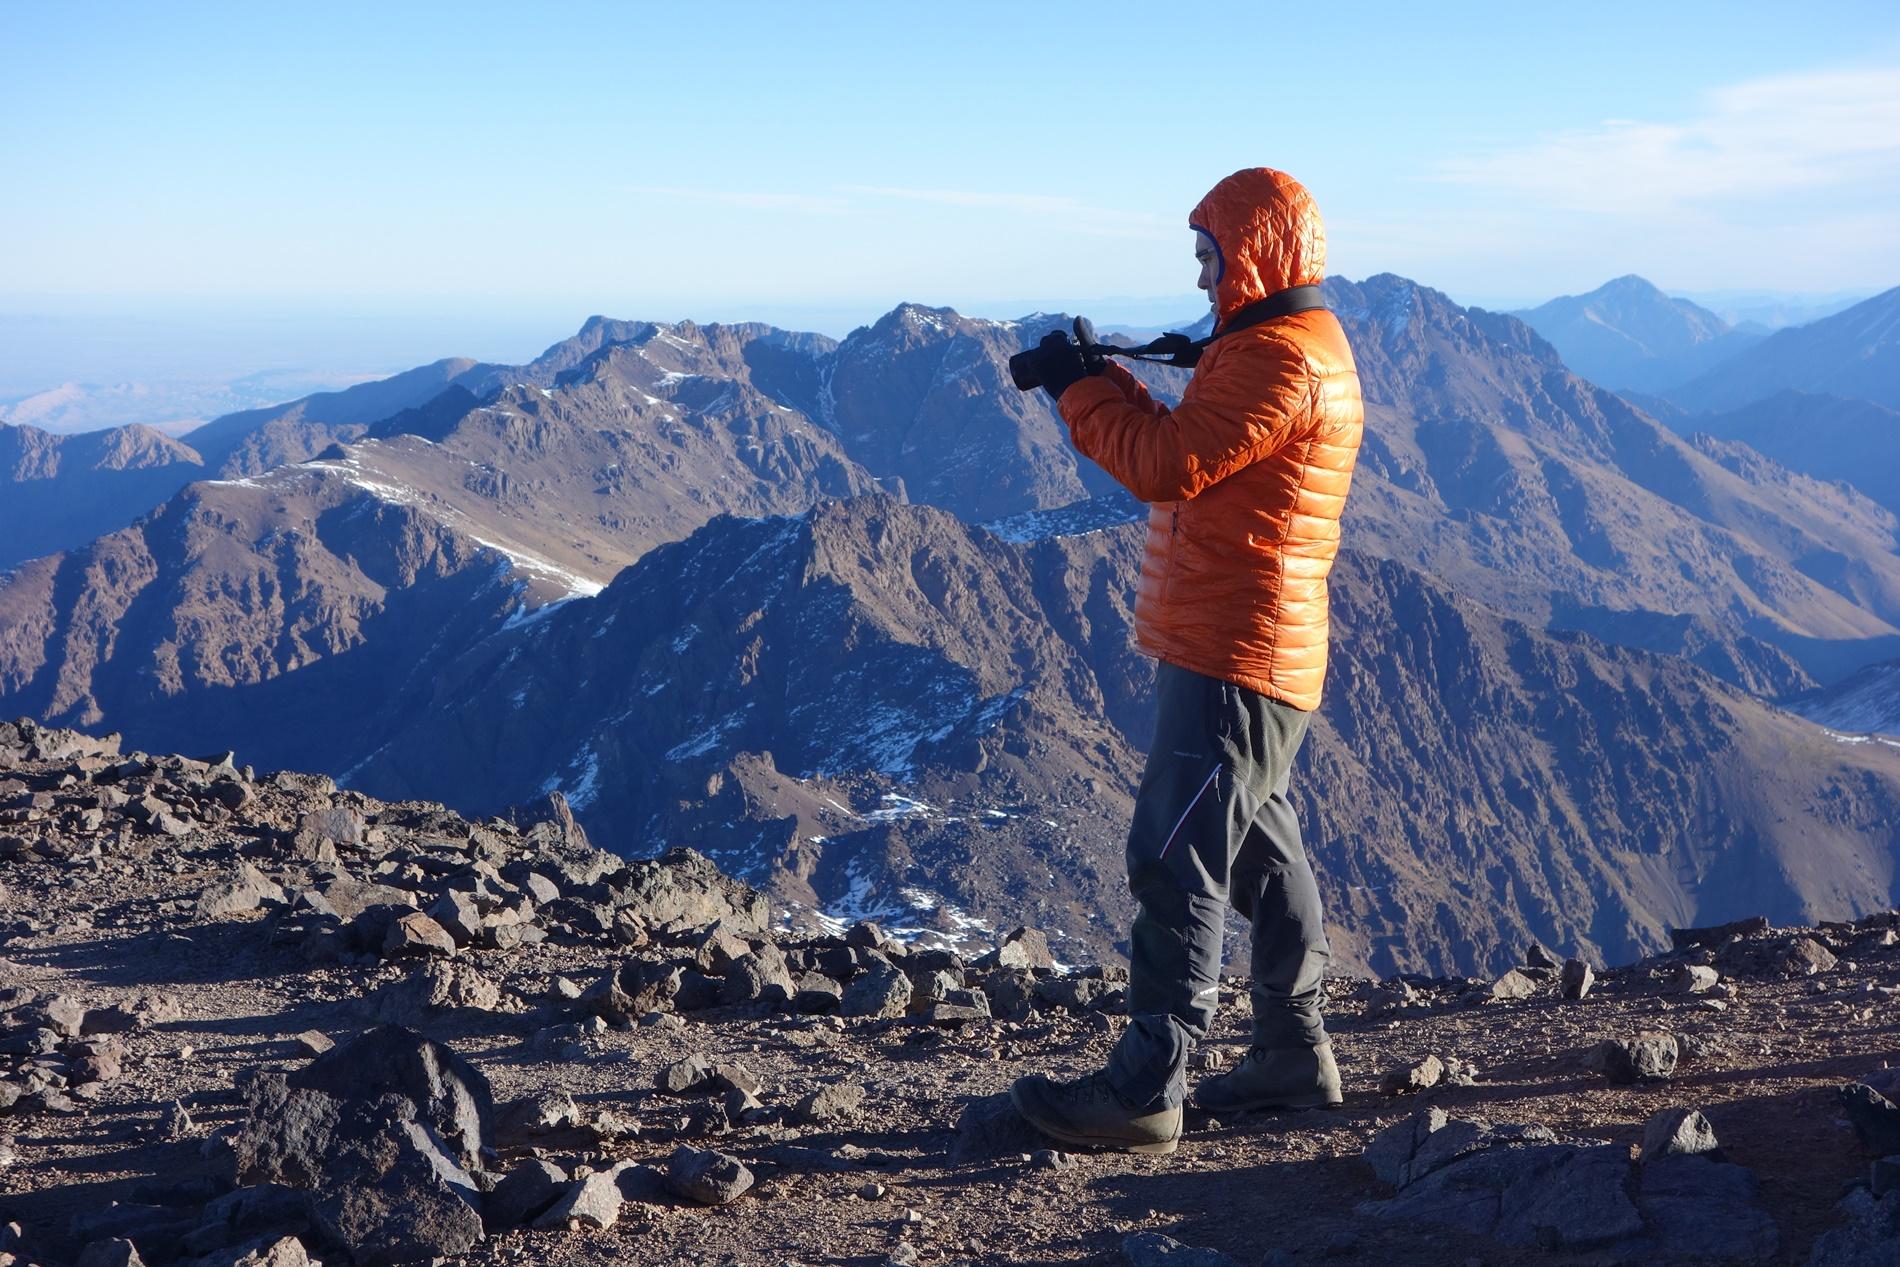 Trekking in Morocco Toubkal ascent | Voyage Maroc sur mesure | Voyage au Maroc | Vacances au Maroc sur mesure | Trek au Maroc | circuit de velo au maroc | randonnée et voyage | Trekking | VTT | Randonnées & Treks au Maroc montagne désert